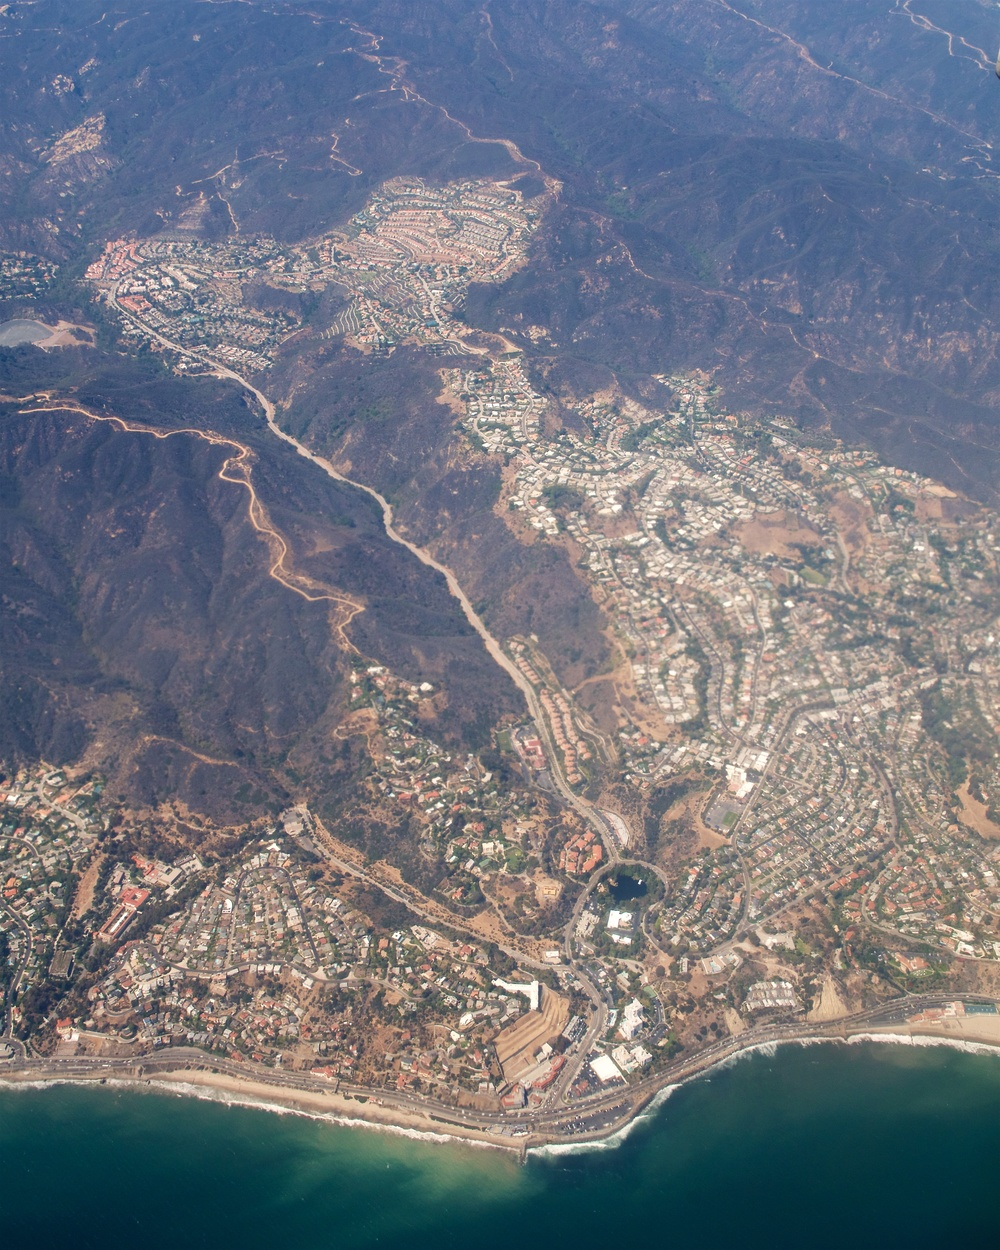 Malibu (Getty Villa at lower left), Malibu Canyon